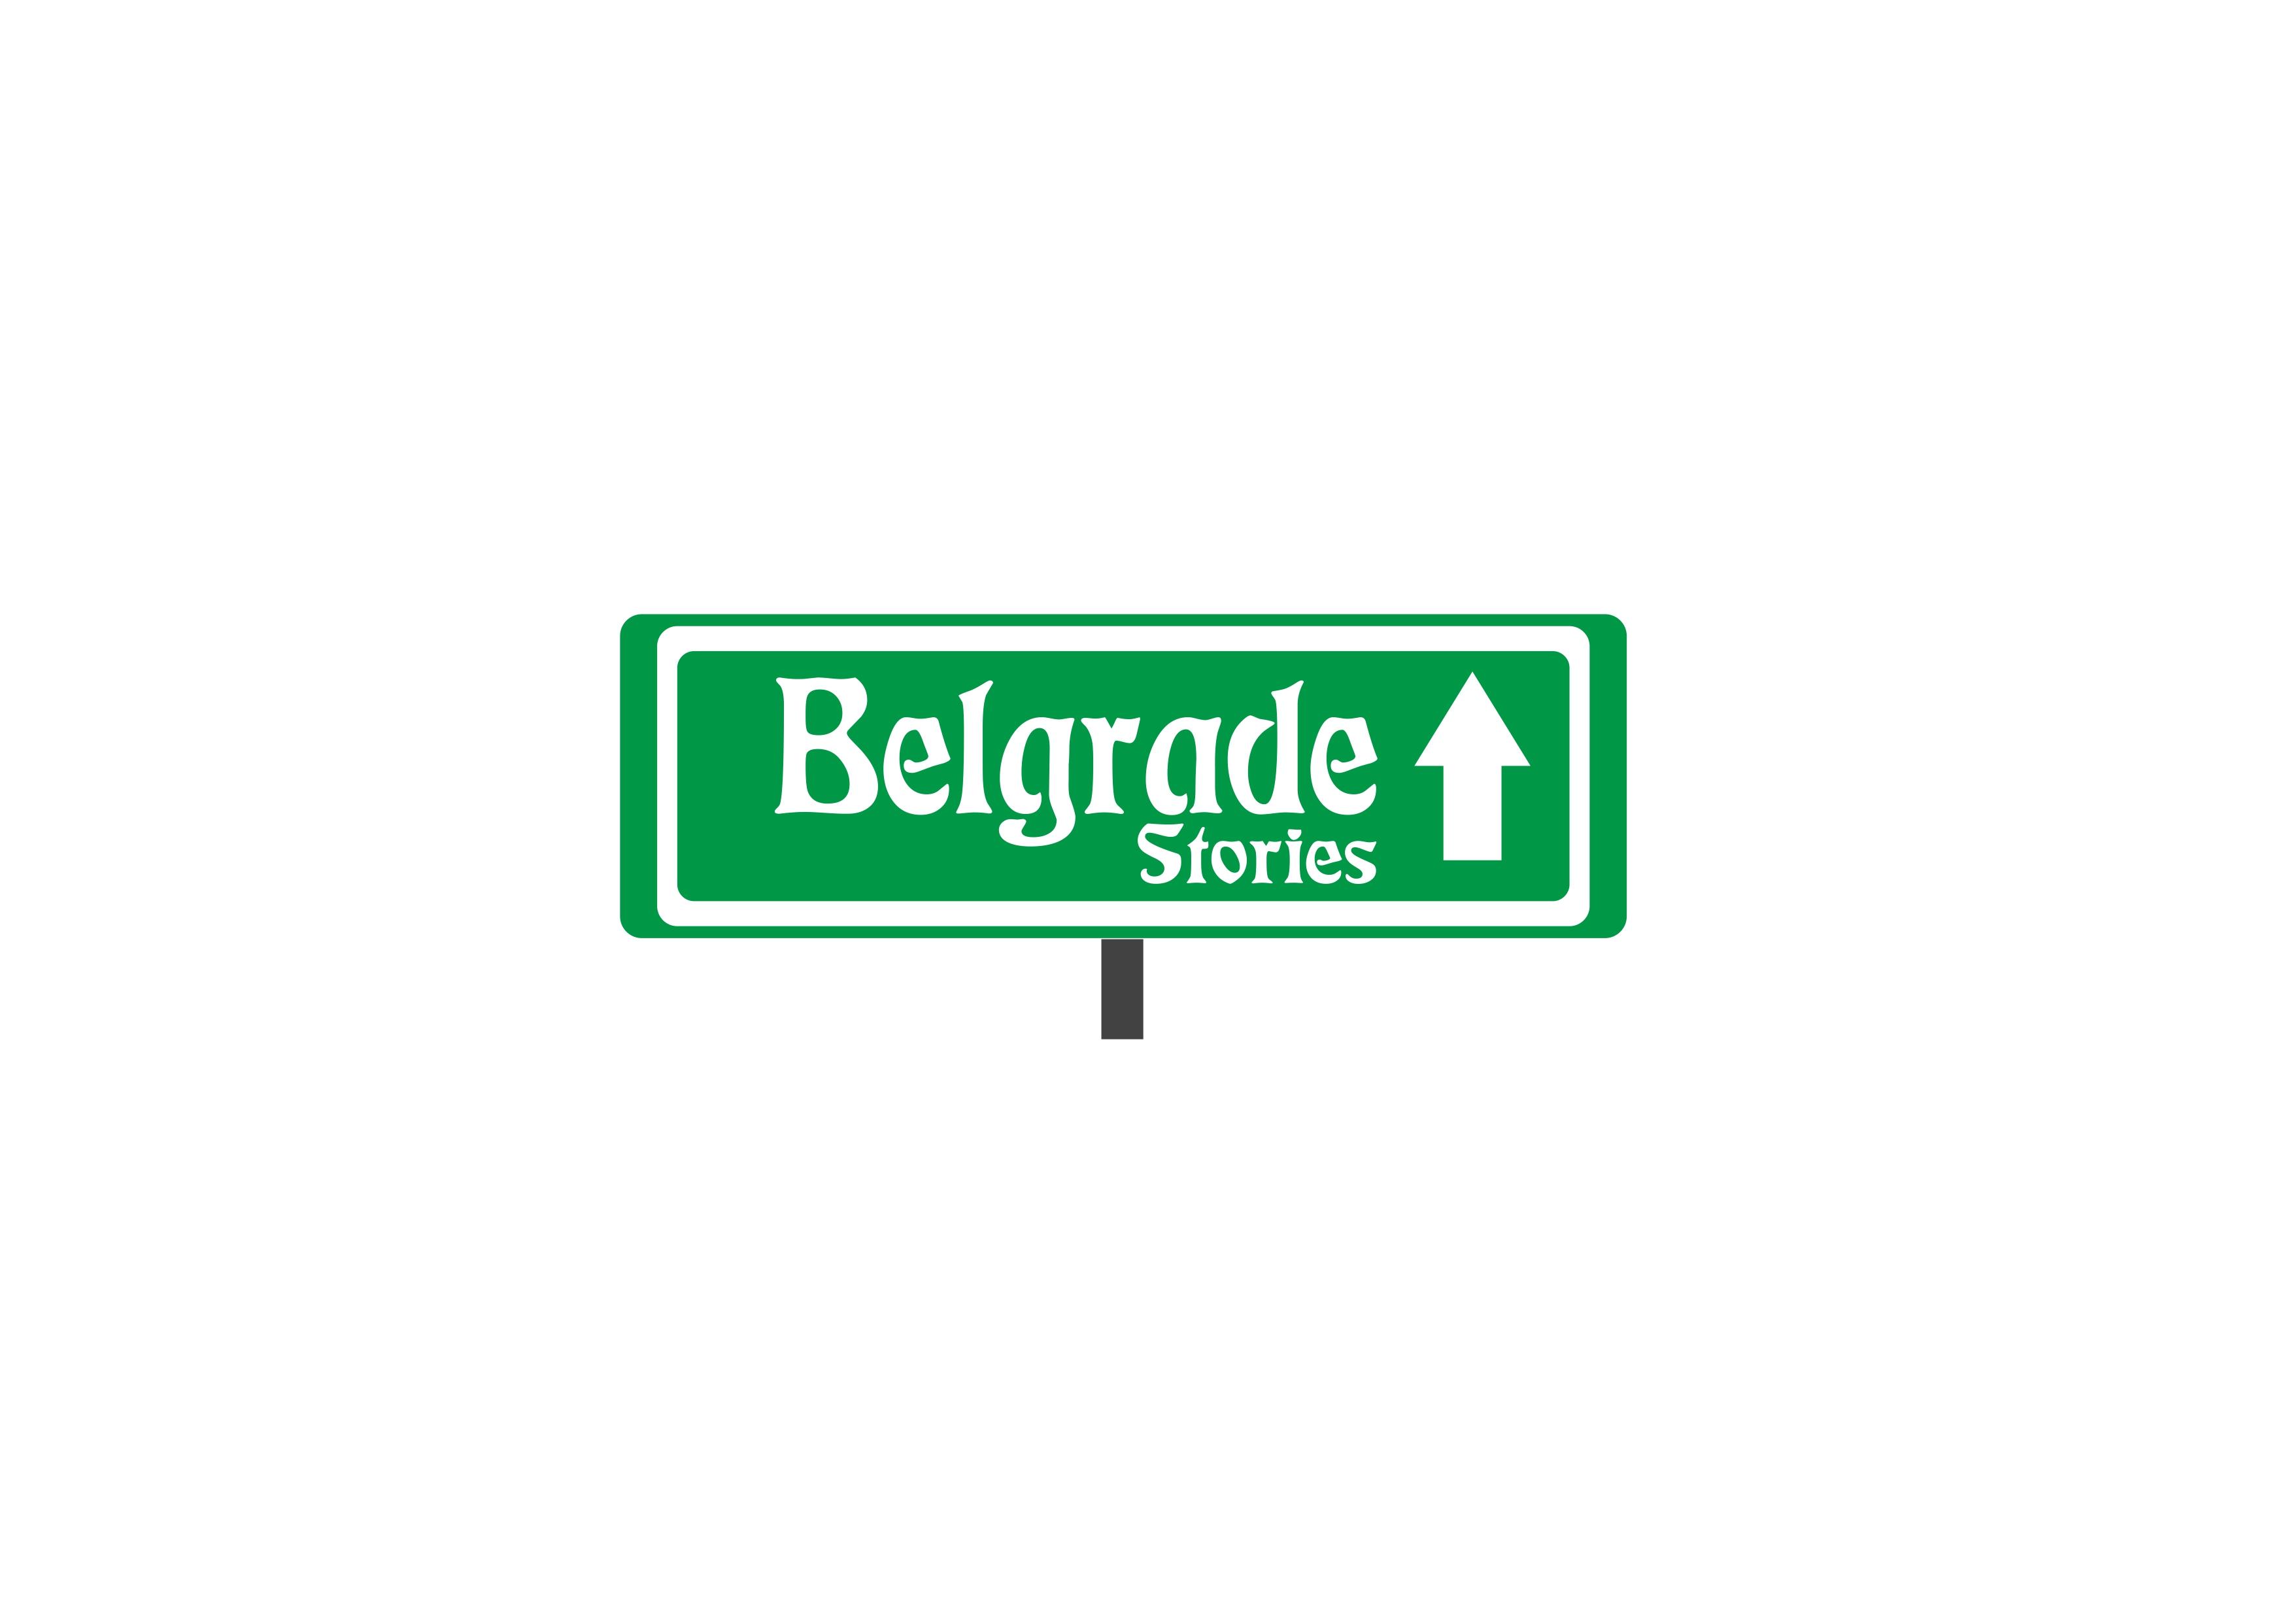 Логотип для агентства городских туров в Белграде фото f_1435893872515d09.jpg